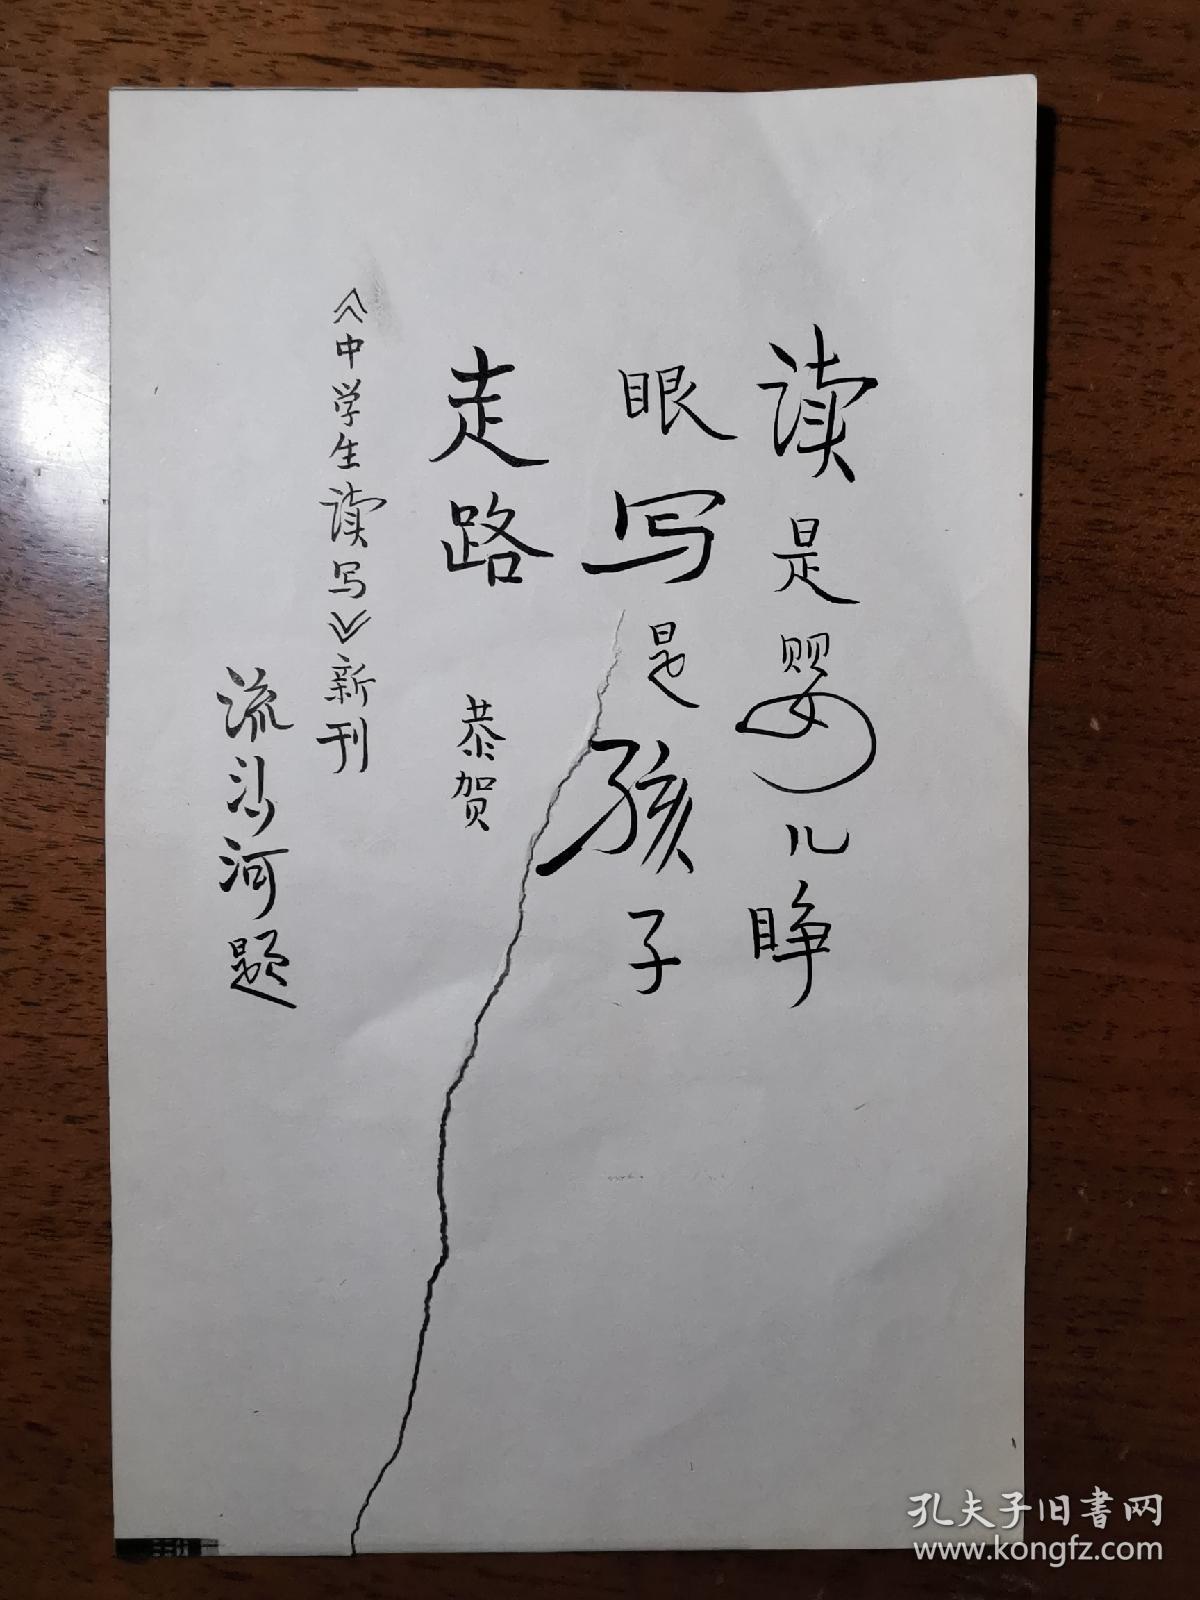 不妄不欺斋藏品:流沙河13x21cm毛笔书法:读是婴儿睁眼,写是孩子走路。出版物请自觅